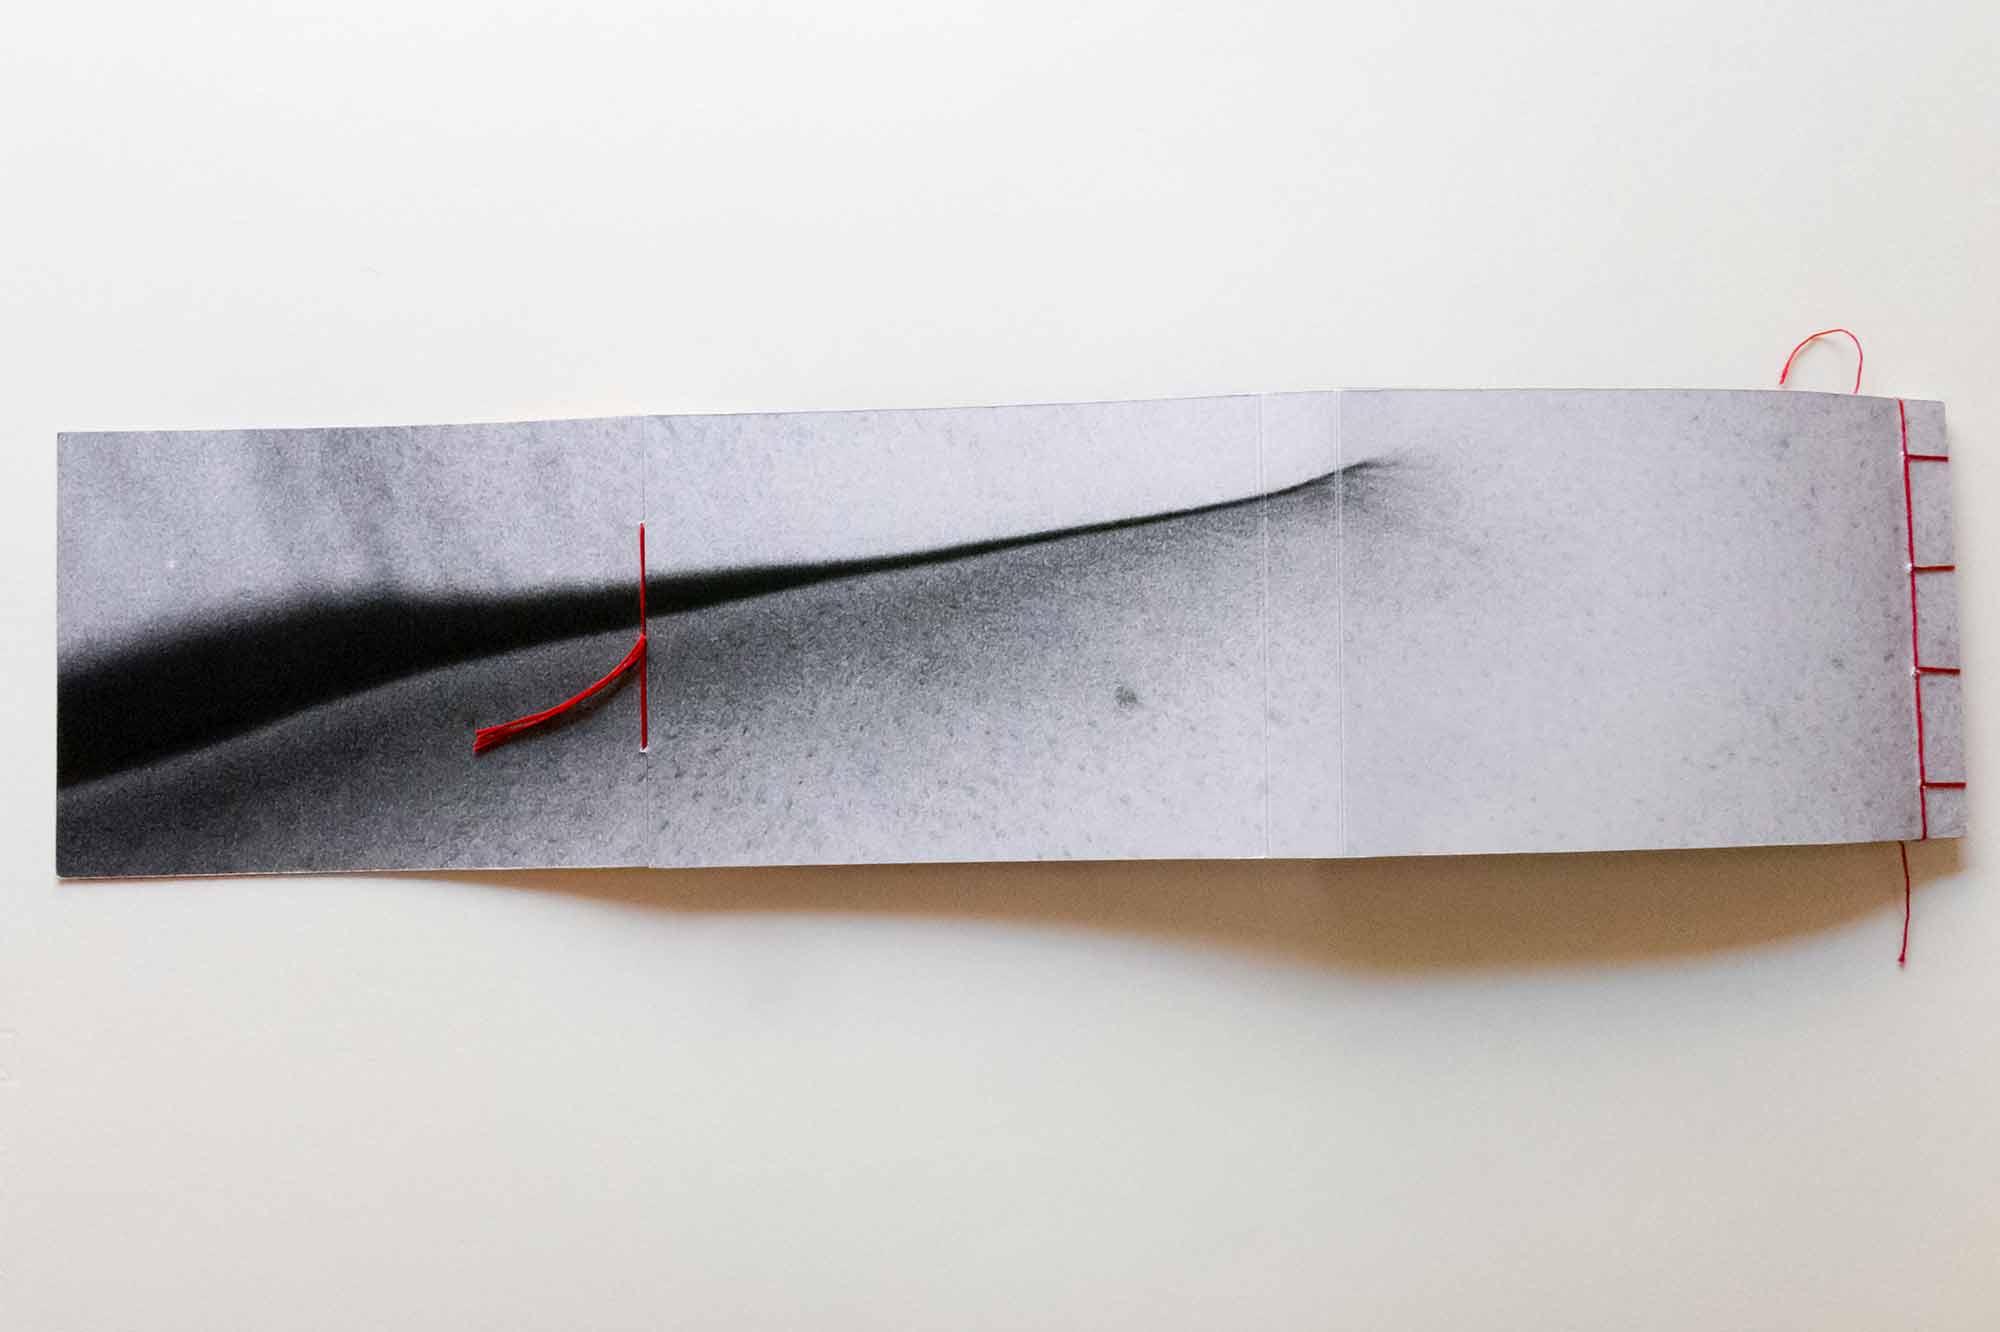 arlindo-pinto-autopsia-de-um-corpo-09